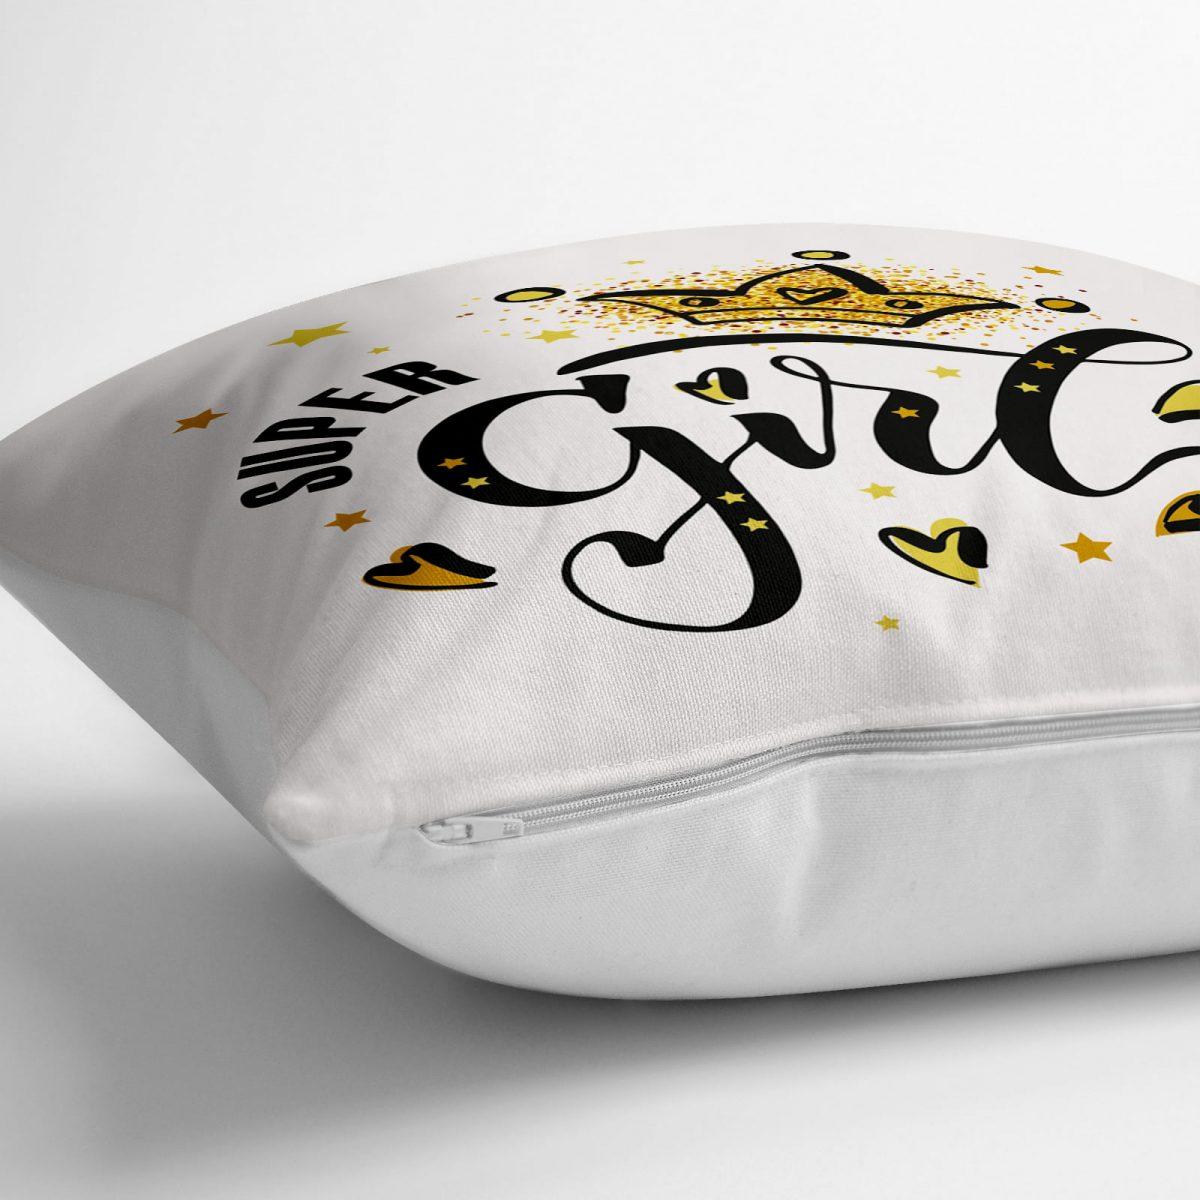 Super Gırl Yazı Desenli Dijital Baskılı Dekoratif Yer Minderi - 70 x 70 cm Realhomes